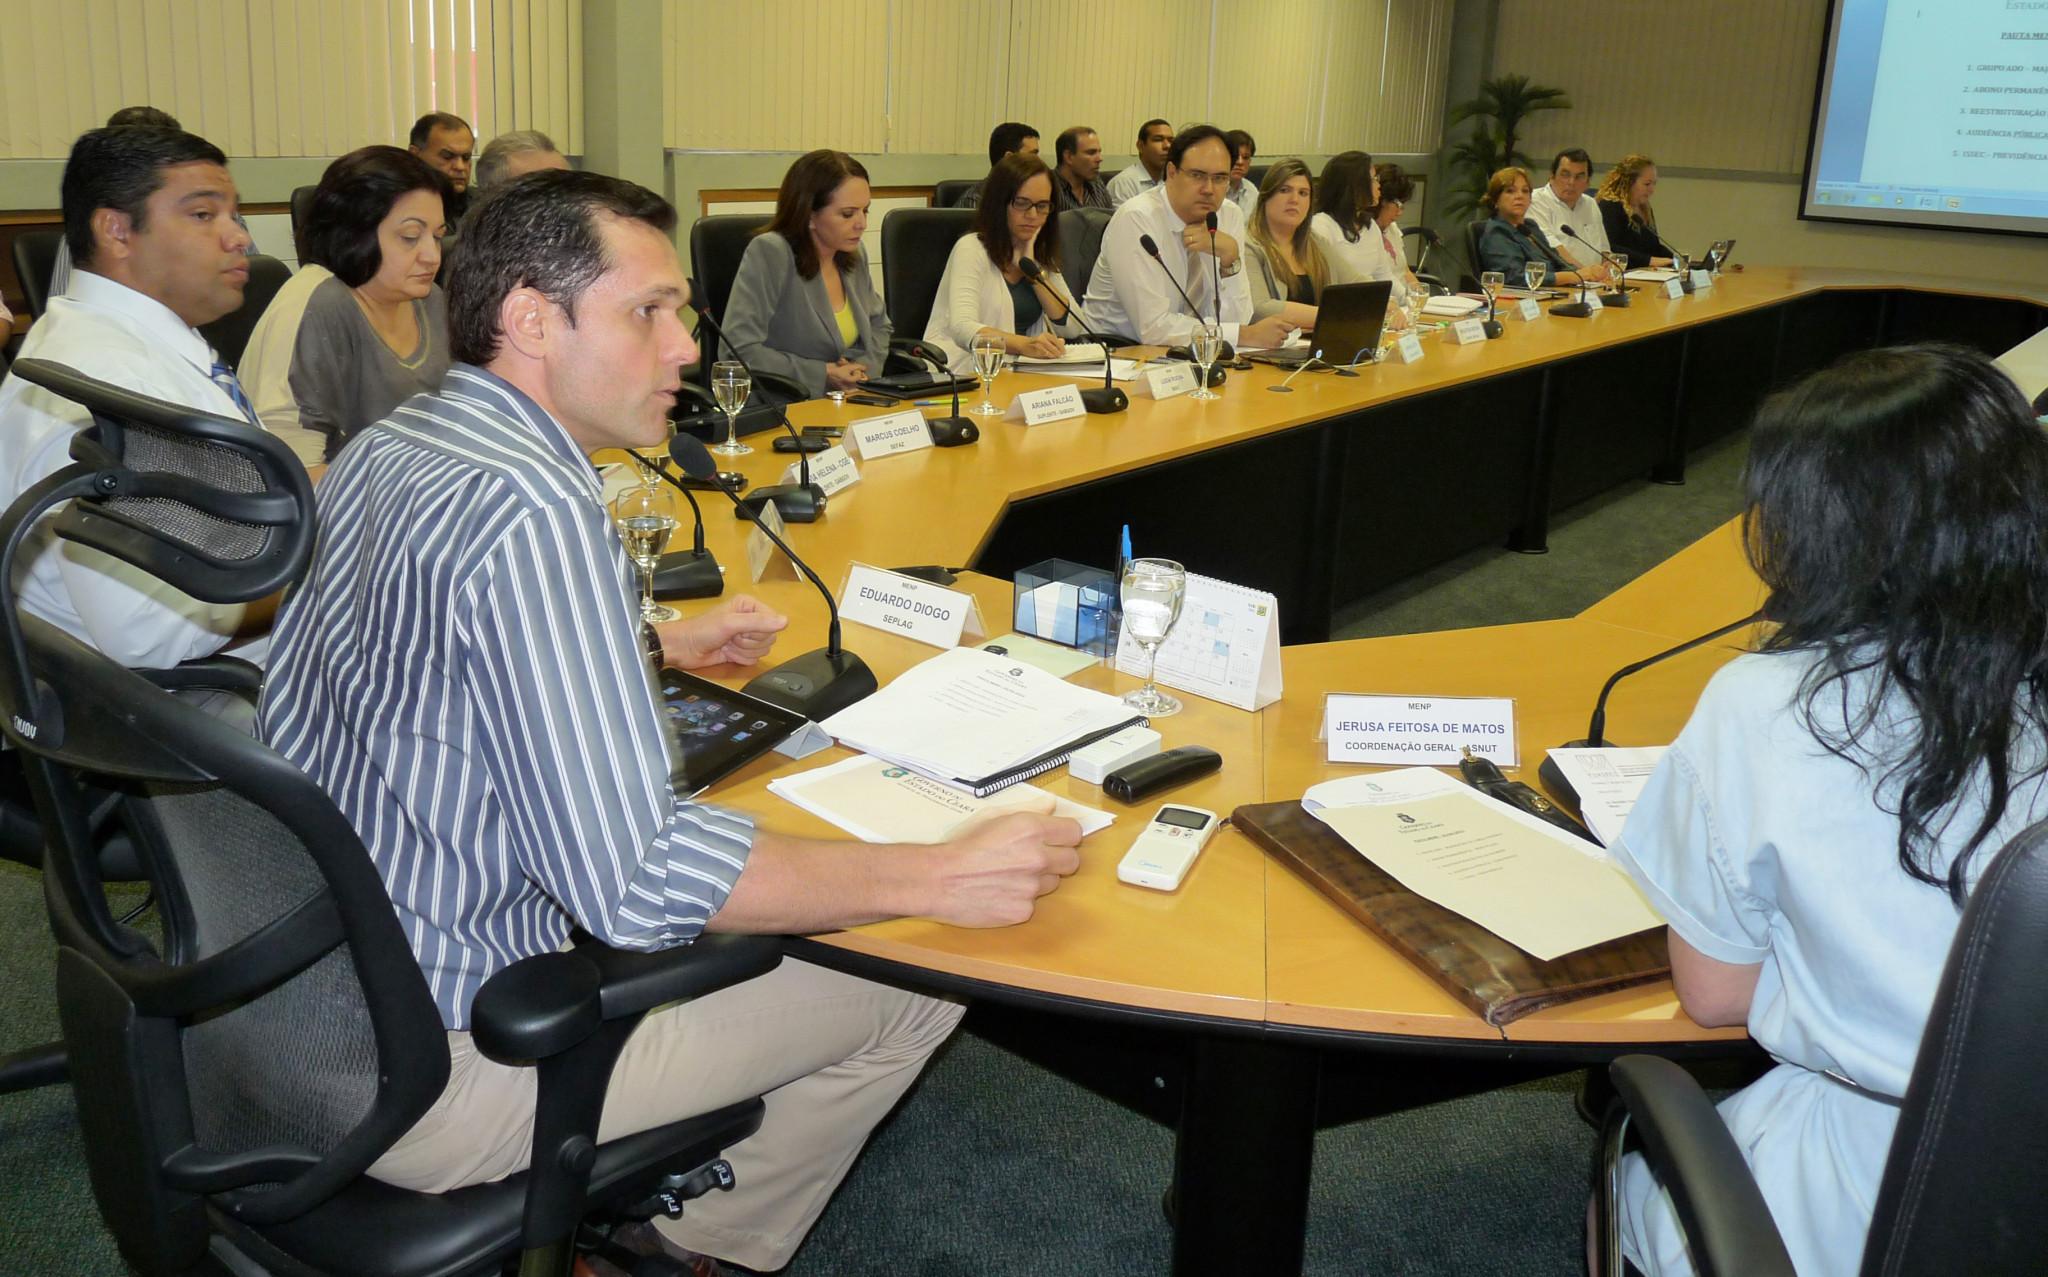 Grupos de trabalhos discutirão Previdência e Saúde